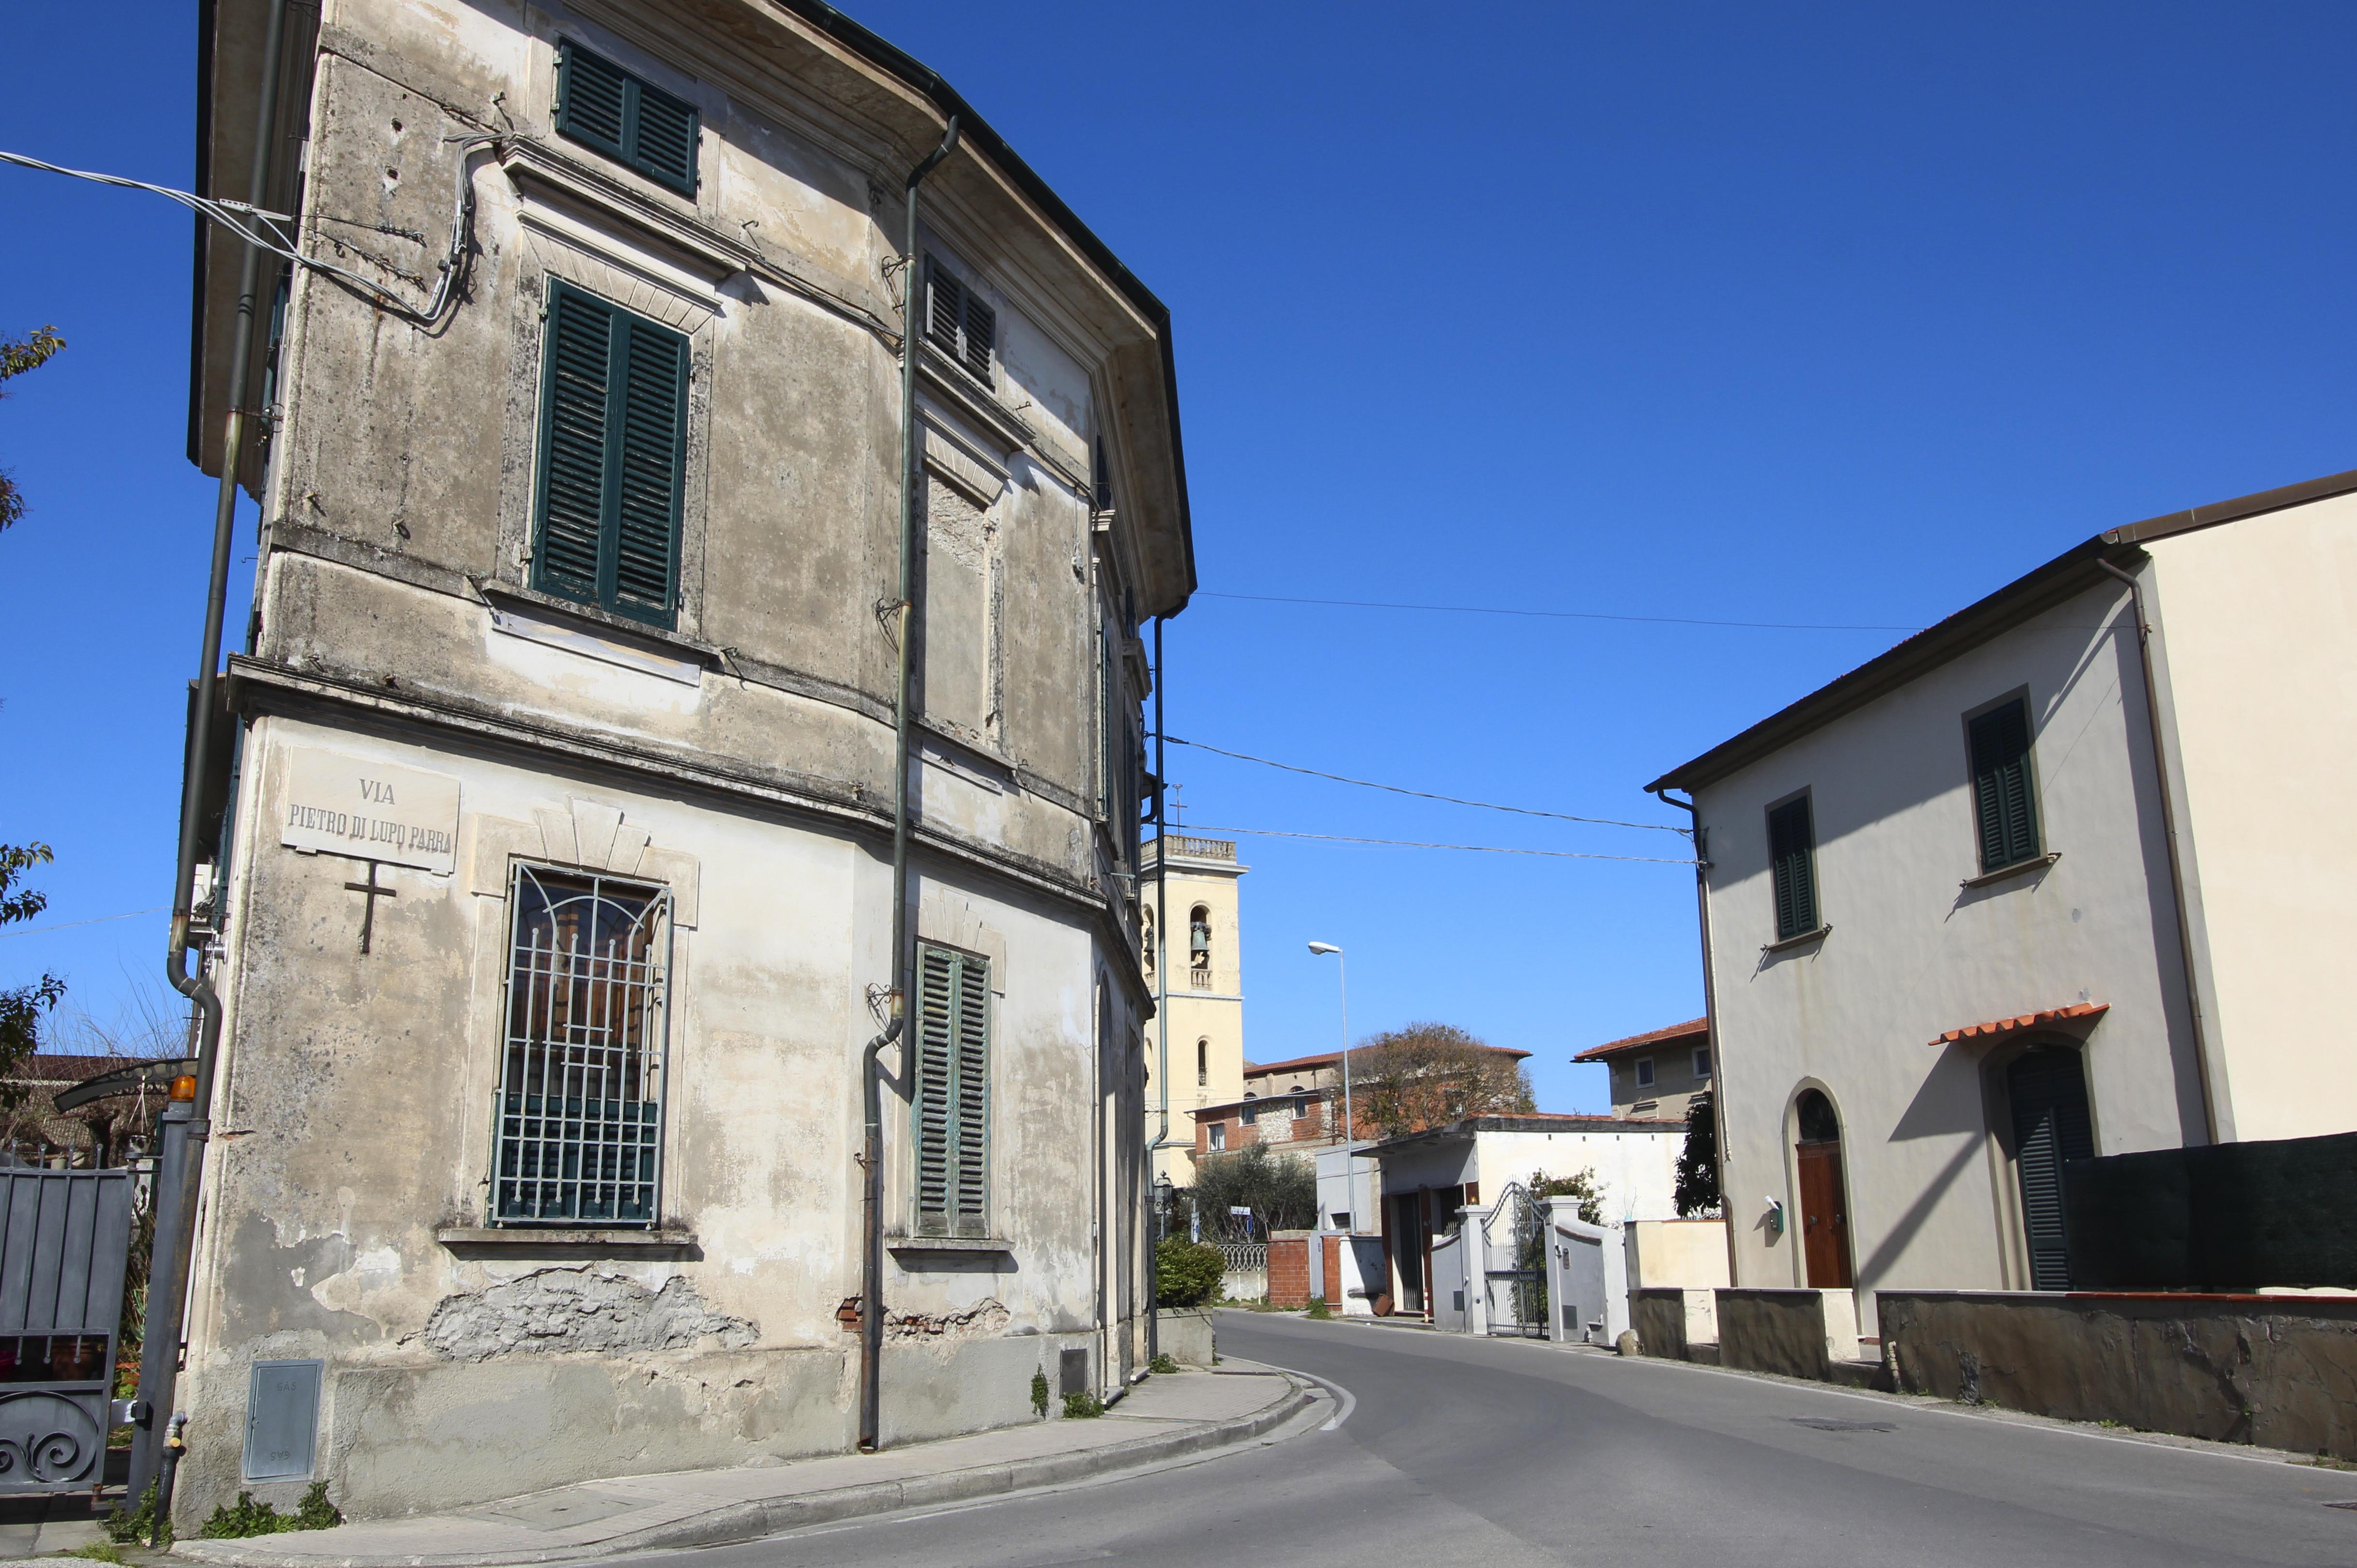 Casa Della Biancheria Navacchio.San Prospero Cascina Wikipedia